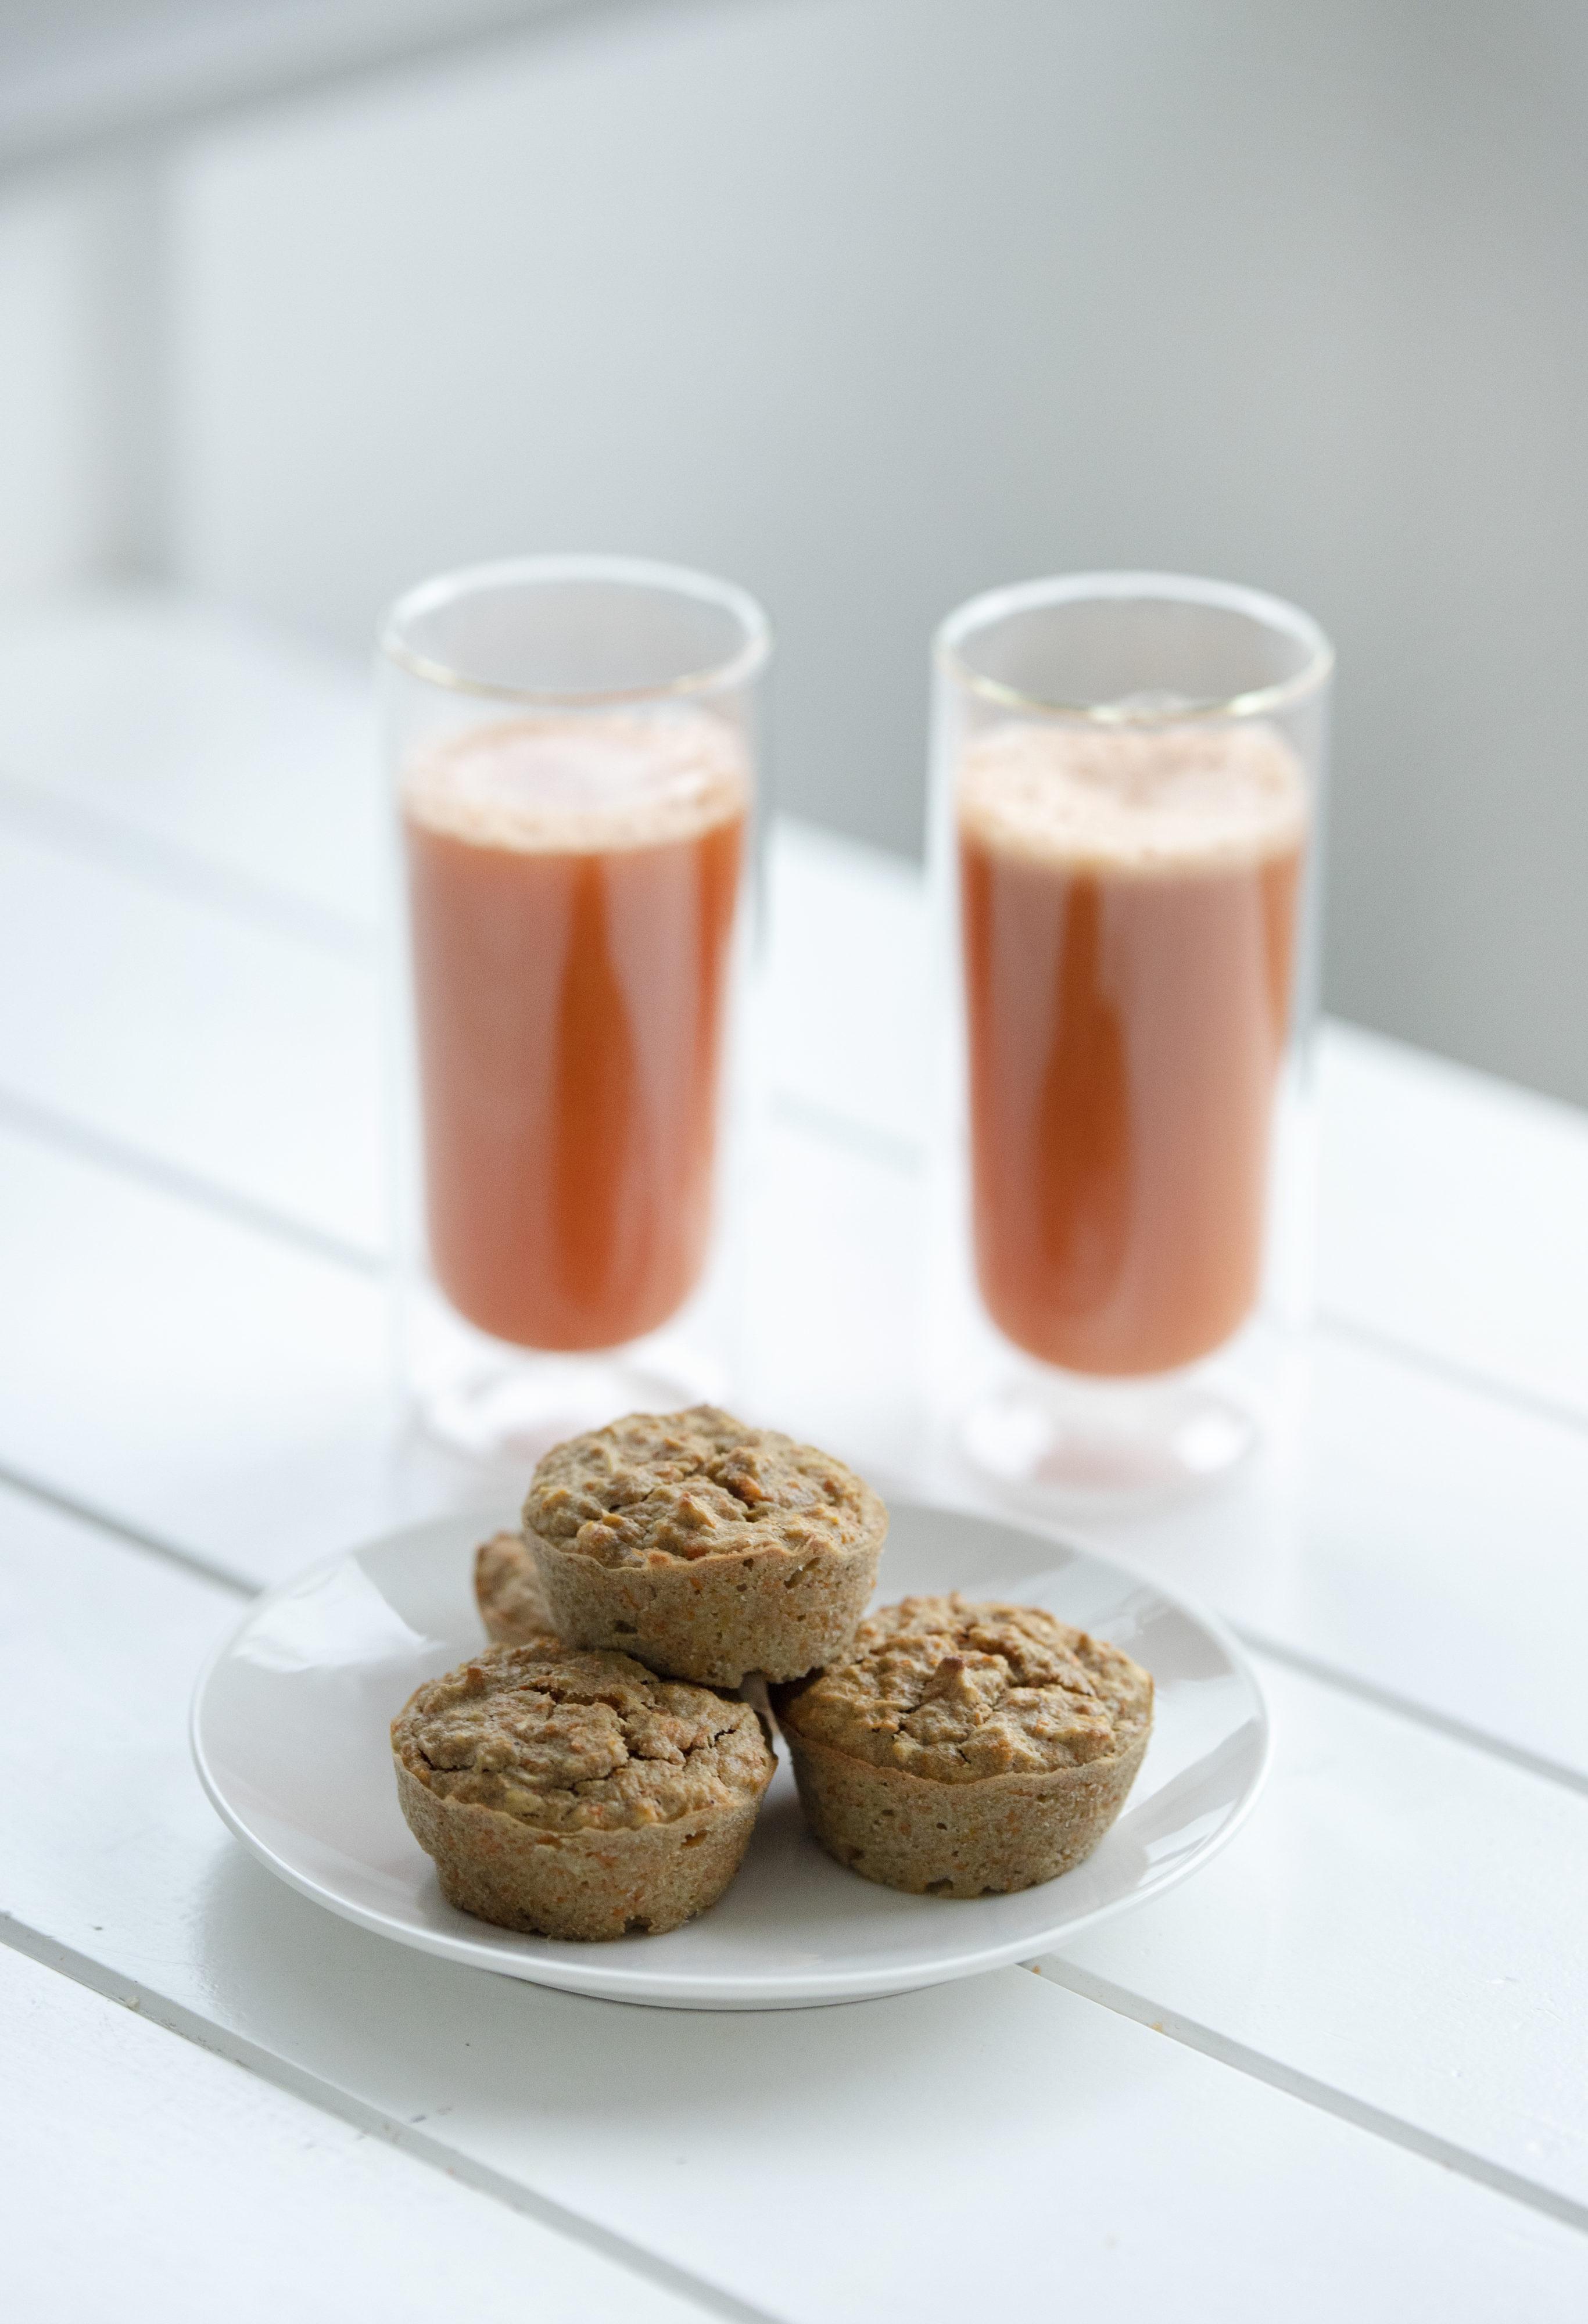 muffiny z wyciskarki